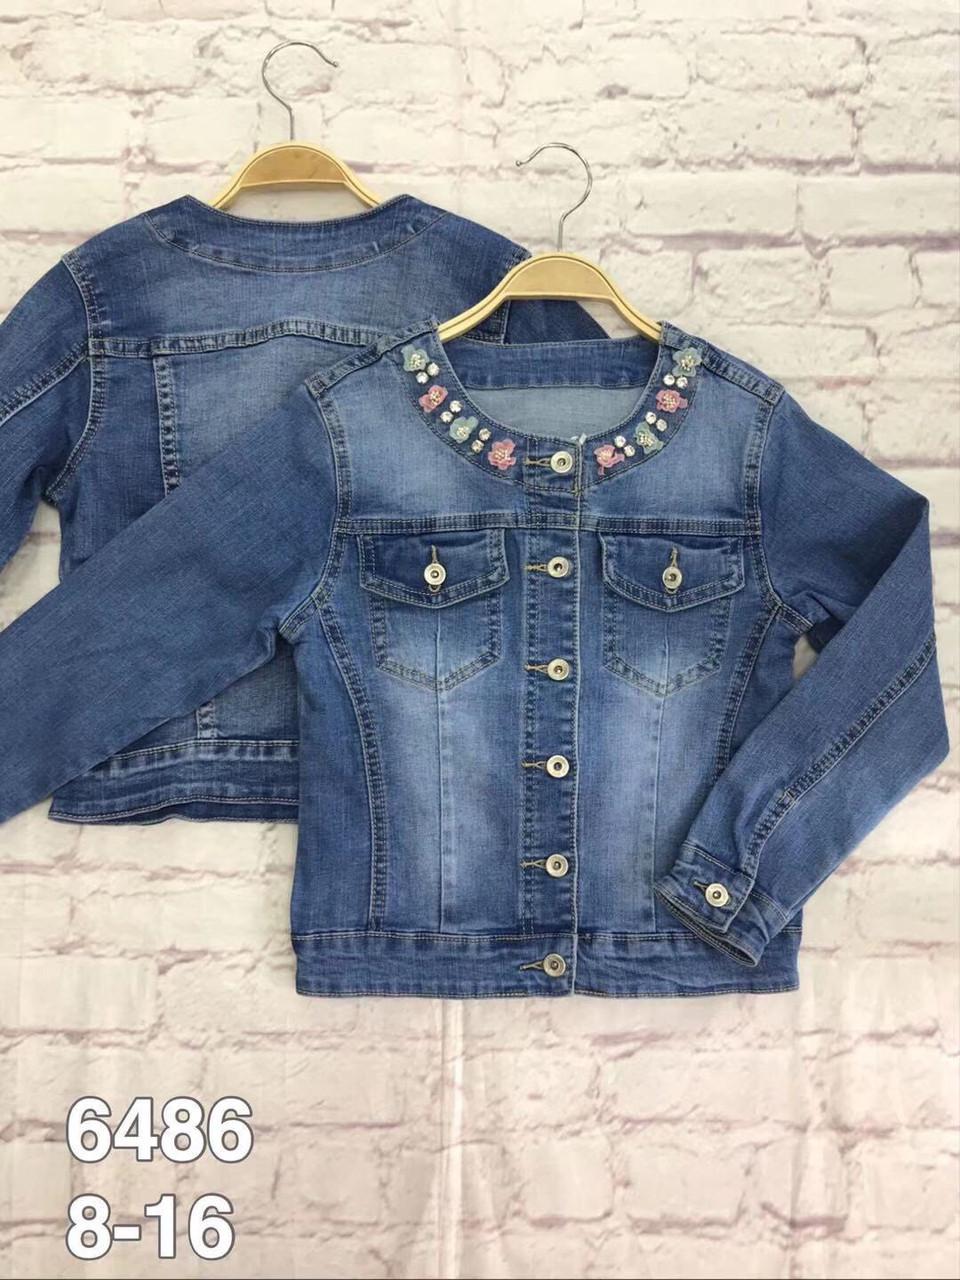 Стильна джинсова курточка для дівчинки 8-16 років